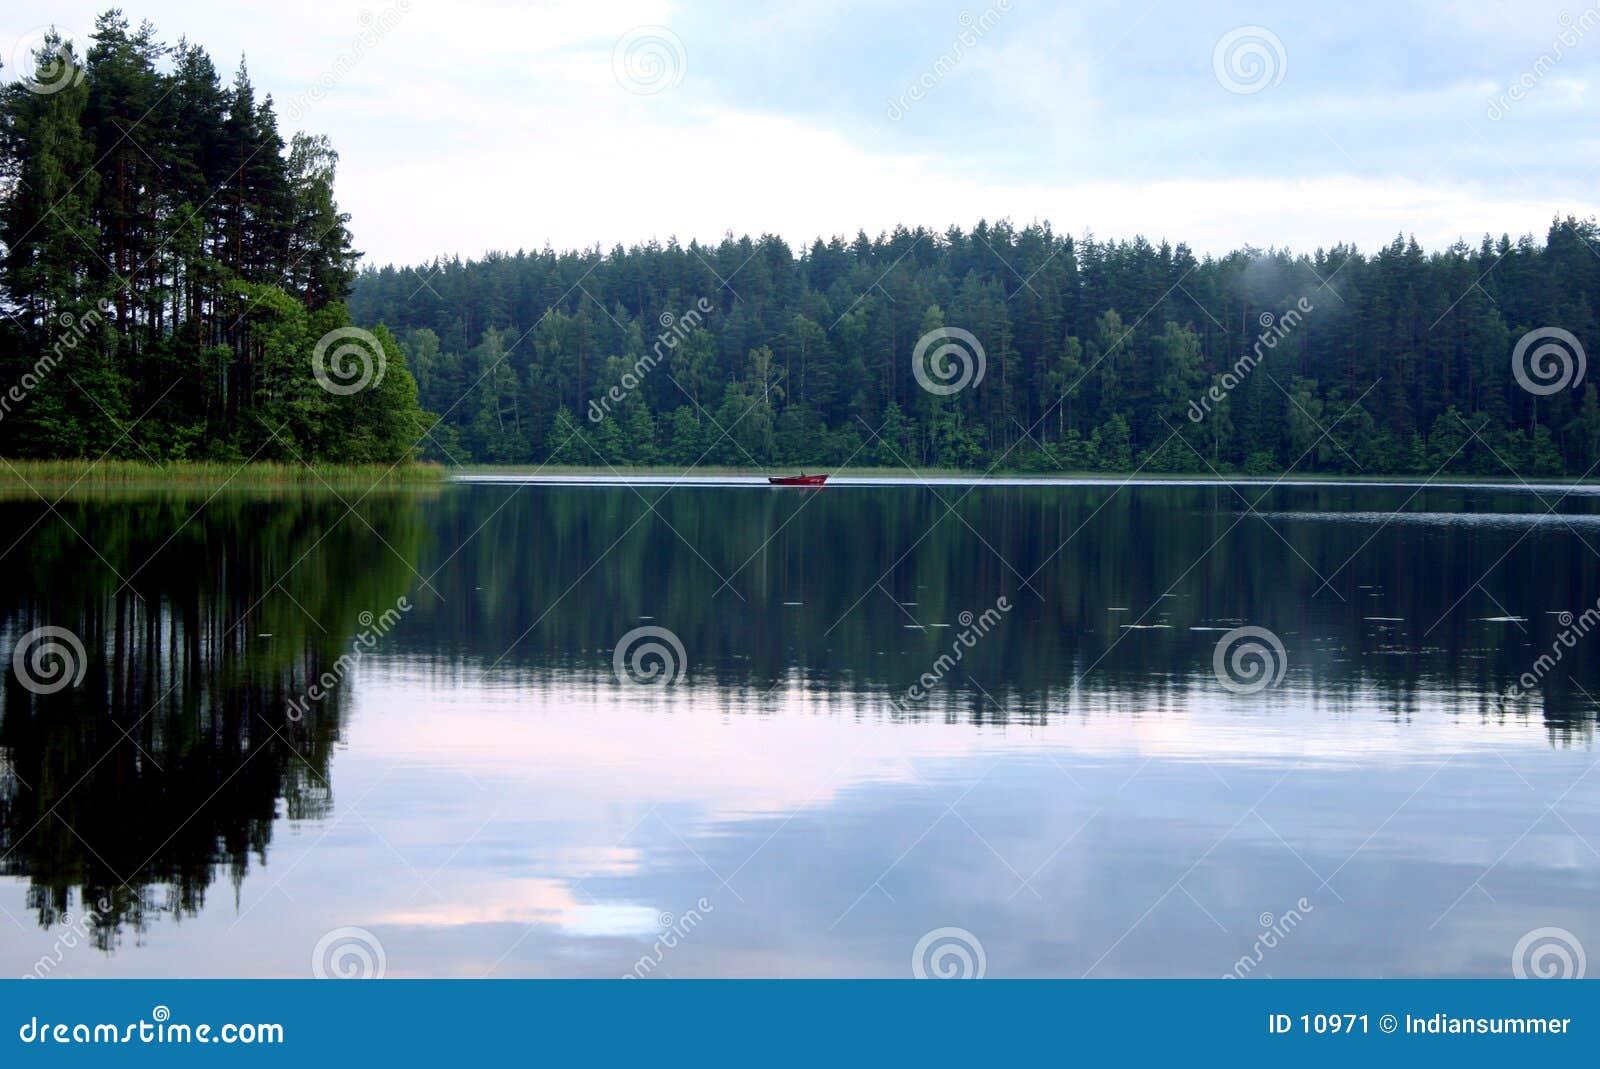 Vreedzame avond door het meer, II